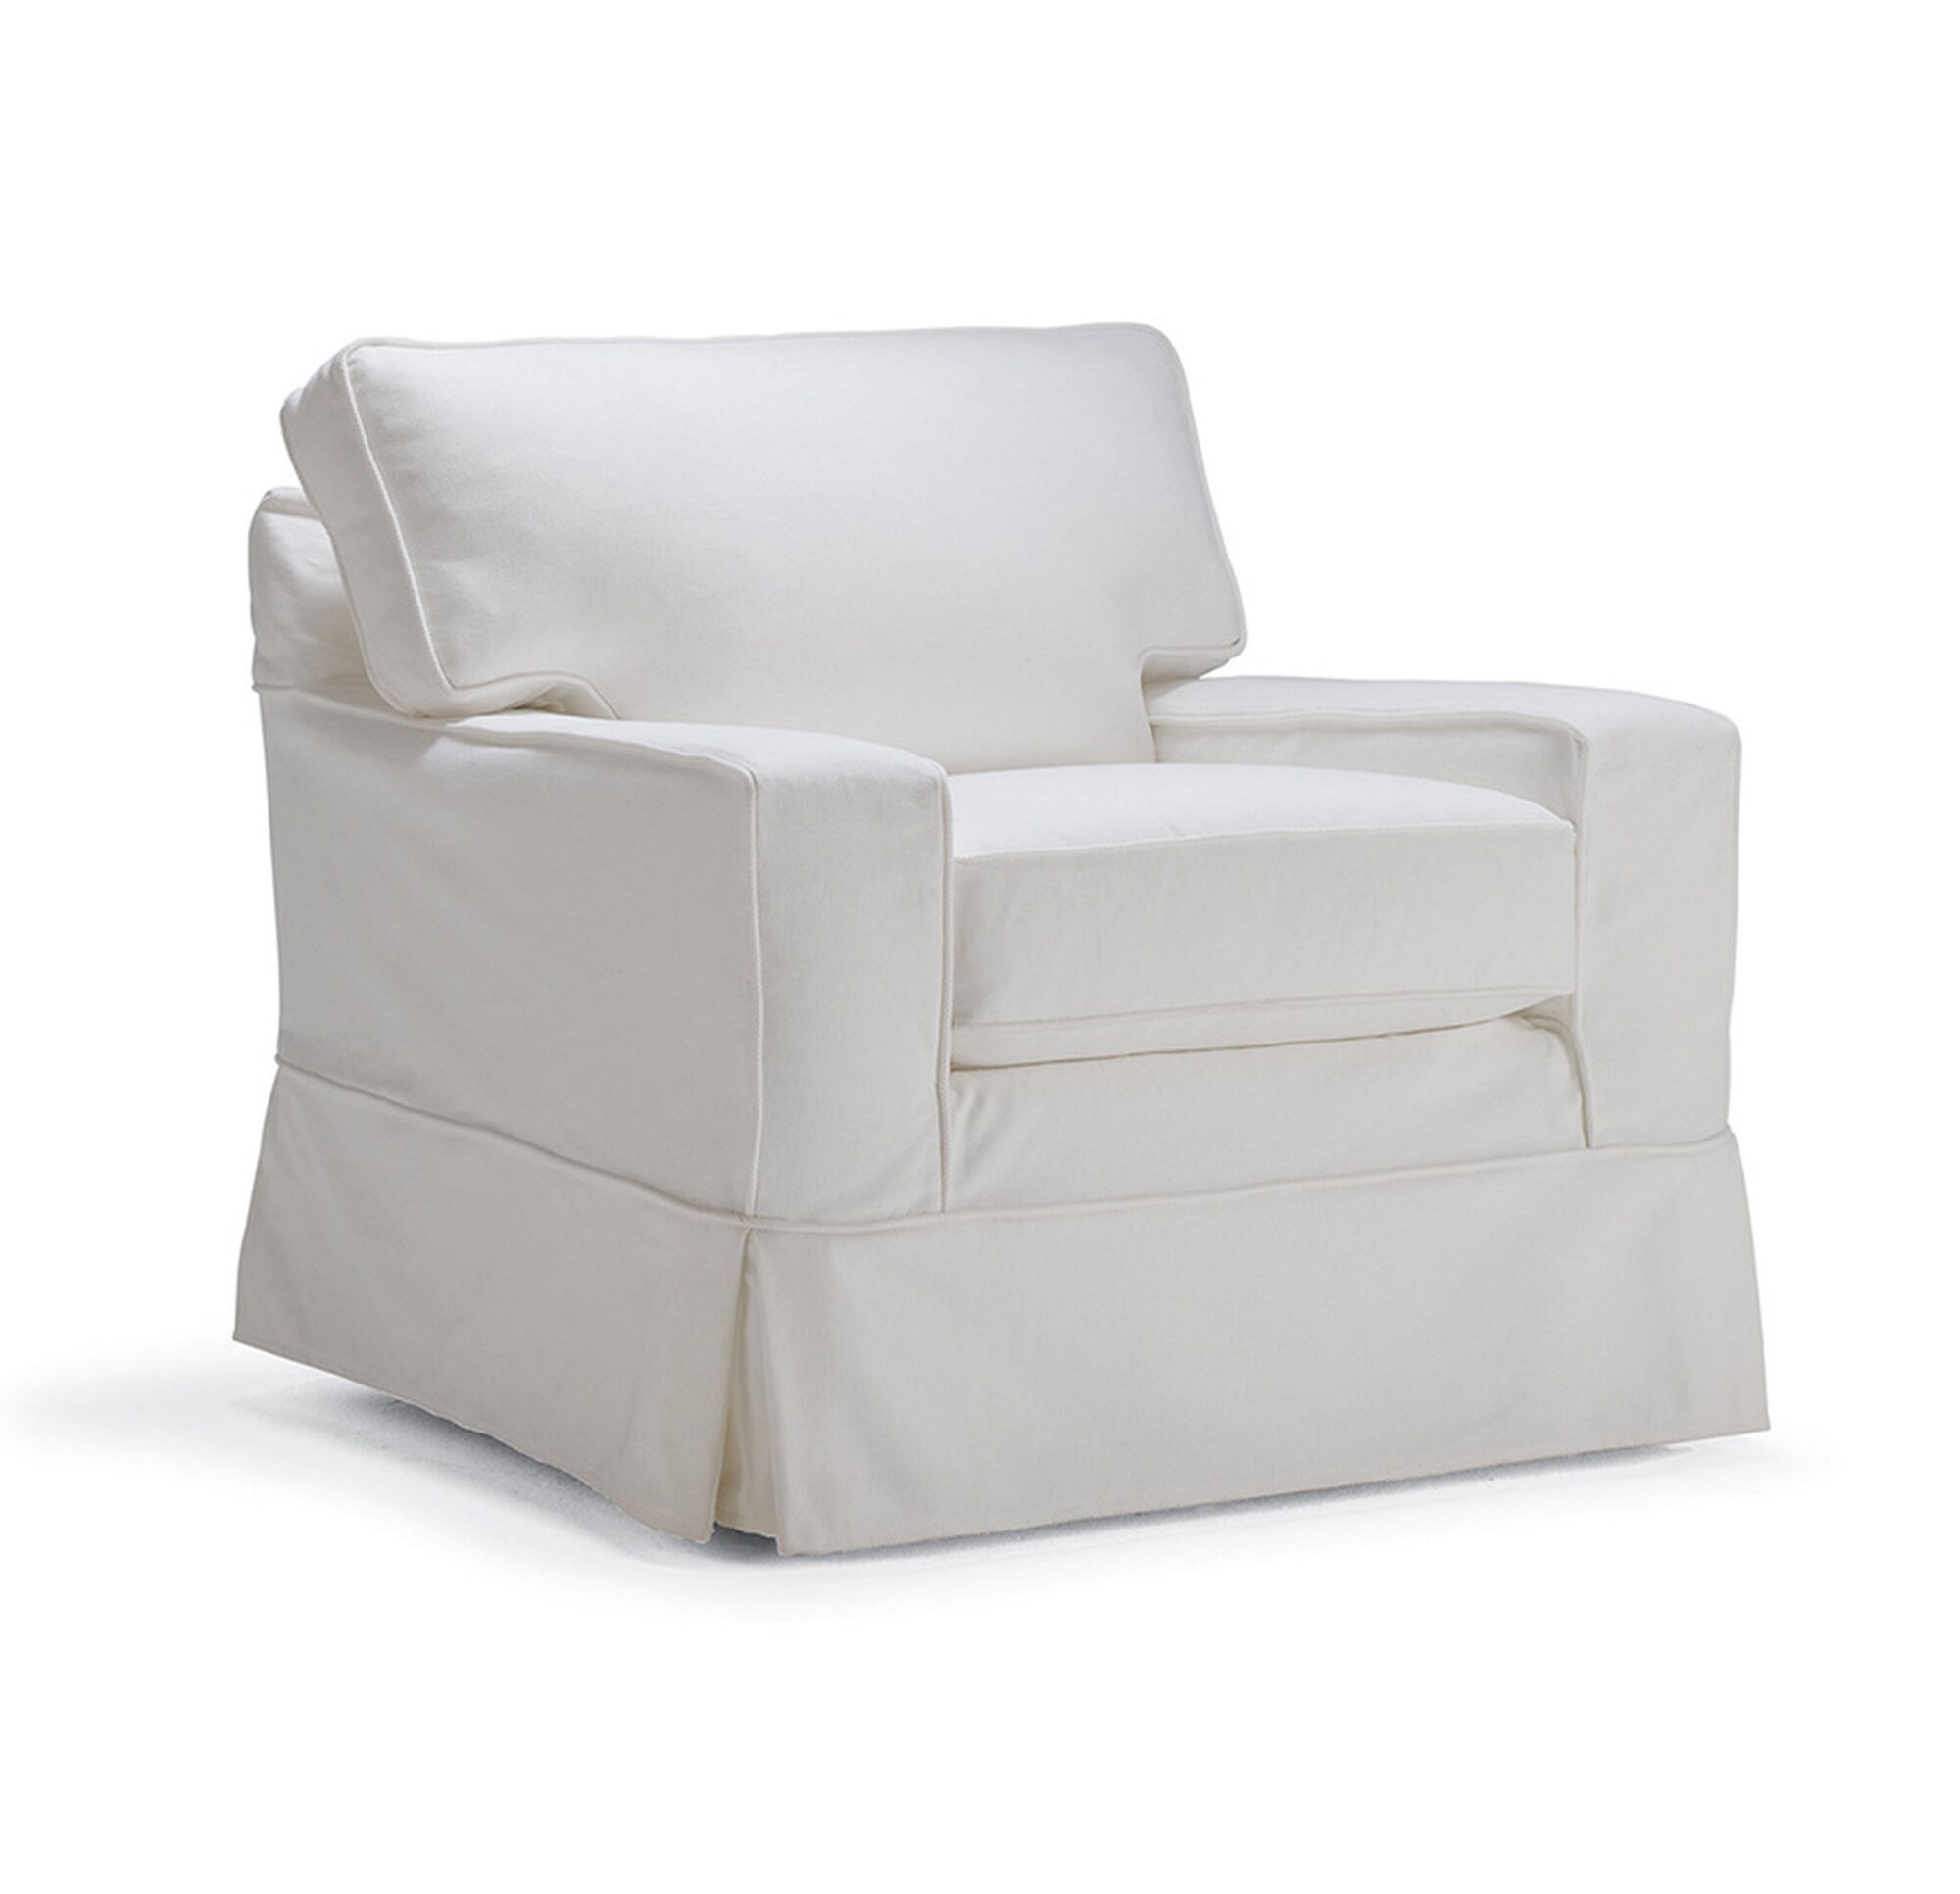 alex ii super luxe queen sleeper slipcover sofa slipcover fo